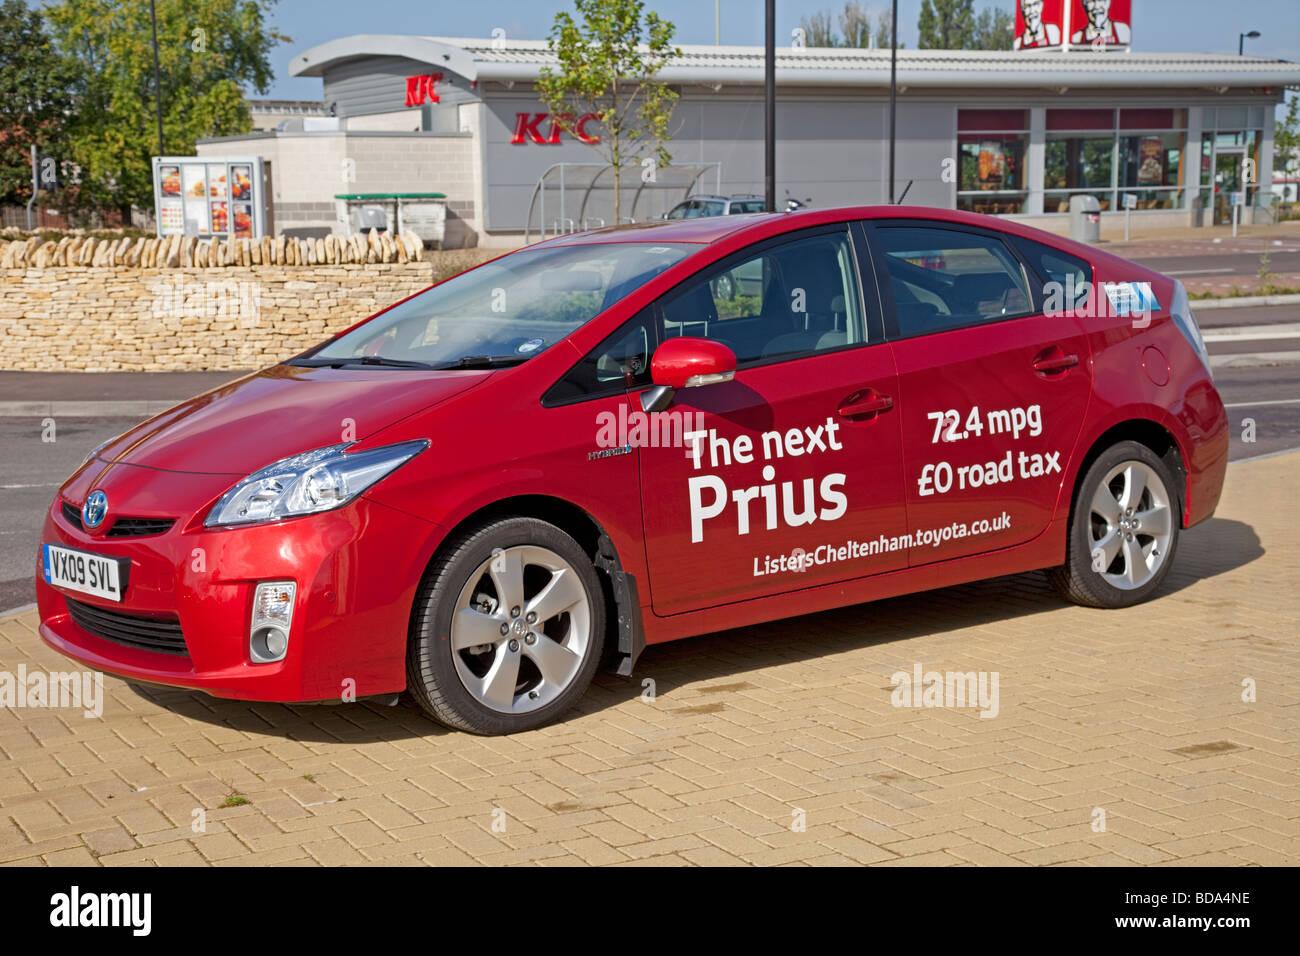 New Prius T3 hybrid red motor car August 2009 parked outside Homebase in Cheltenham - Stock Image